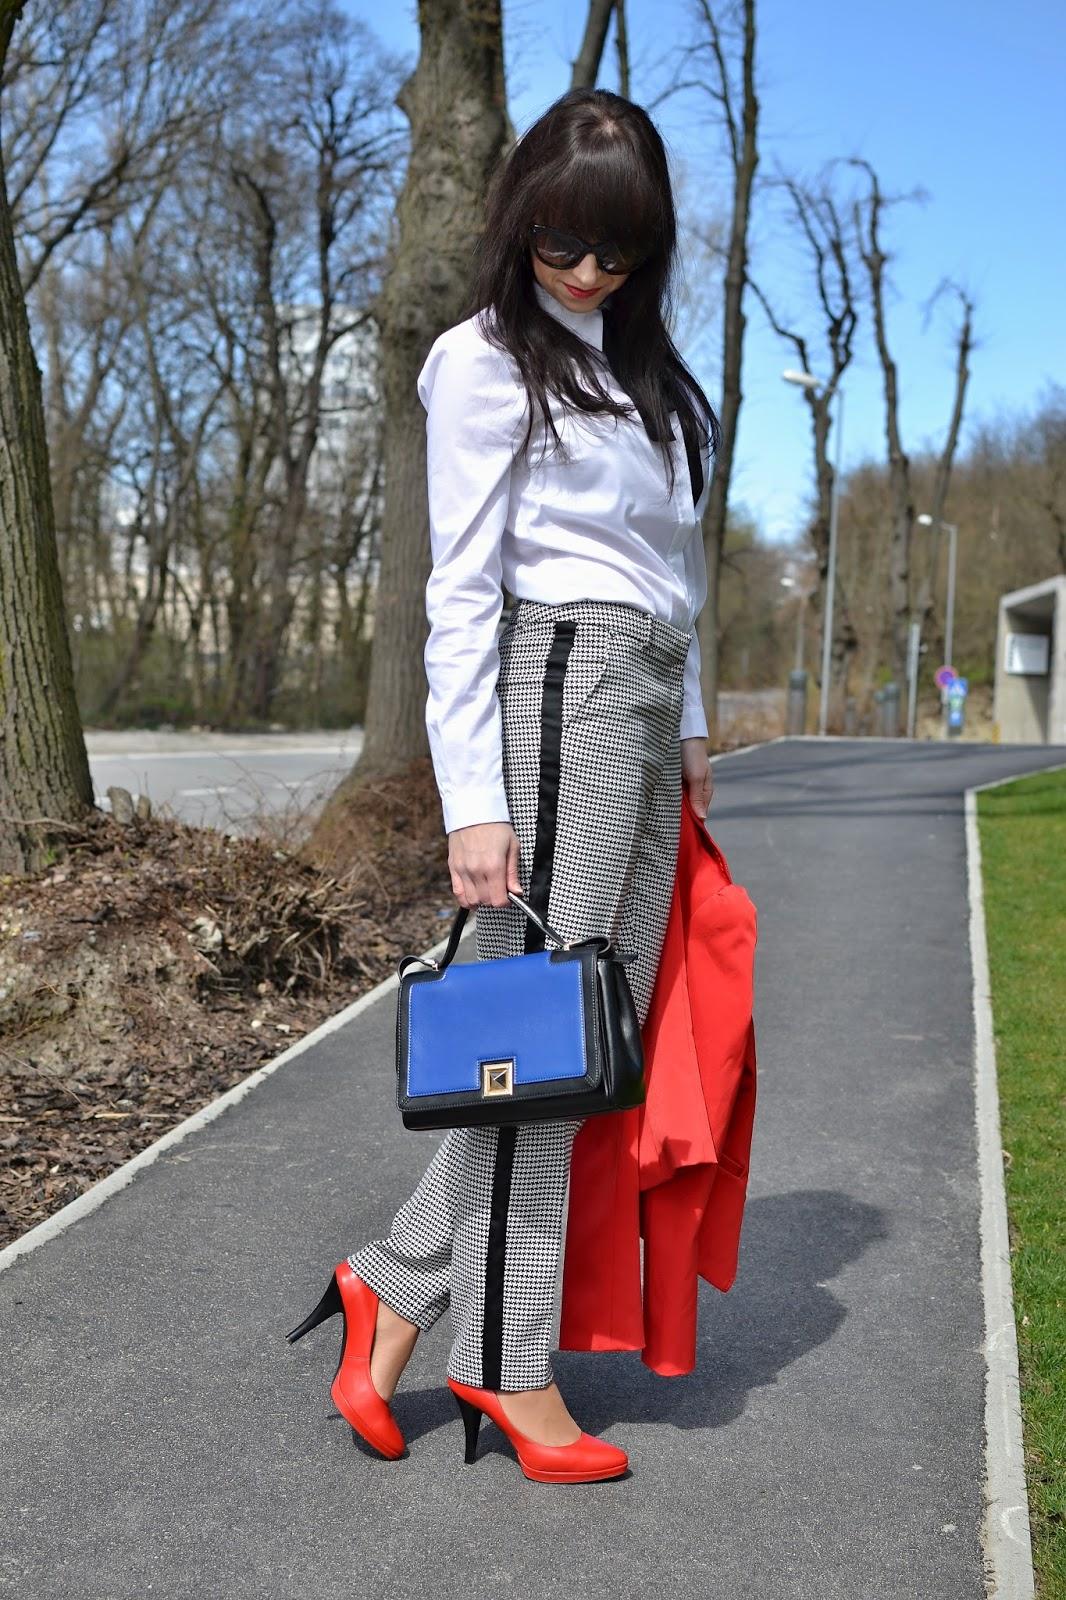 ELEGANTNE PO PRÁCI_Katharine-fashion is beautiful_Kohutia stopa_Biela košeľa_Červené lodičky_Katarína Jakubčová_Fashion blogger